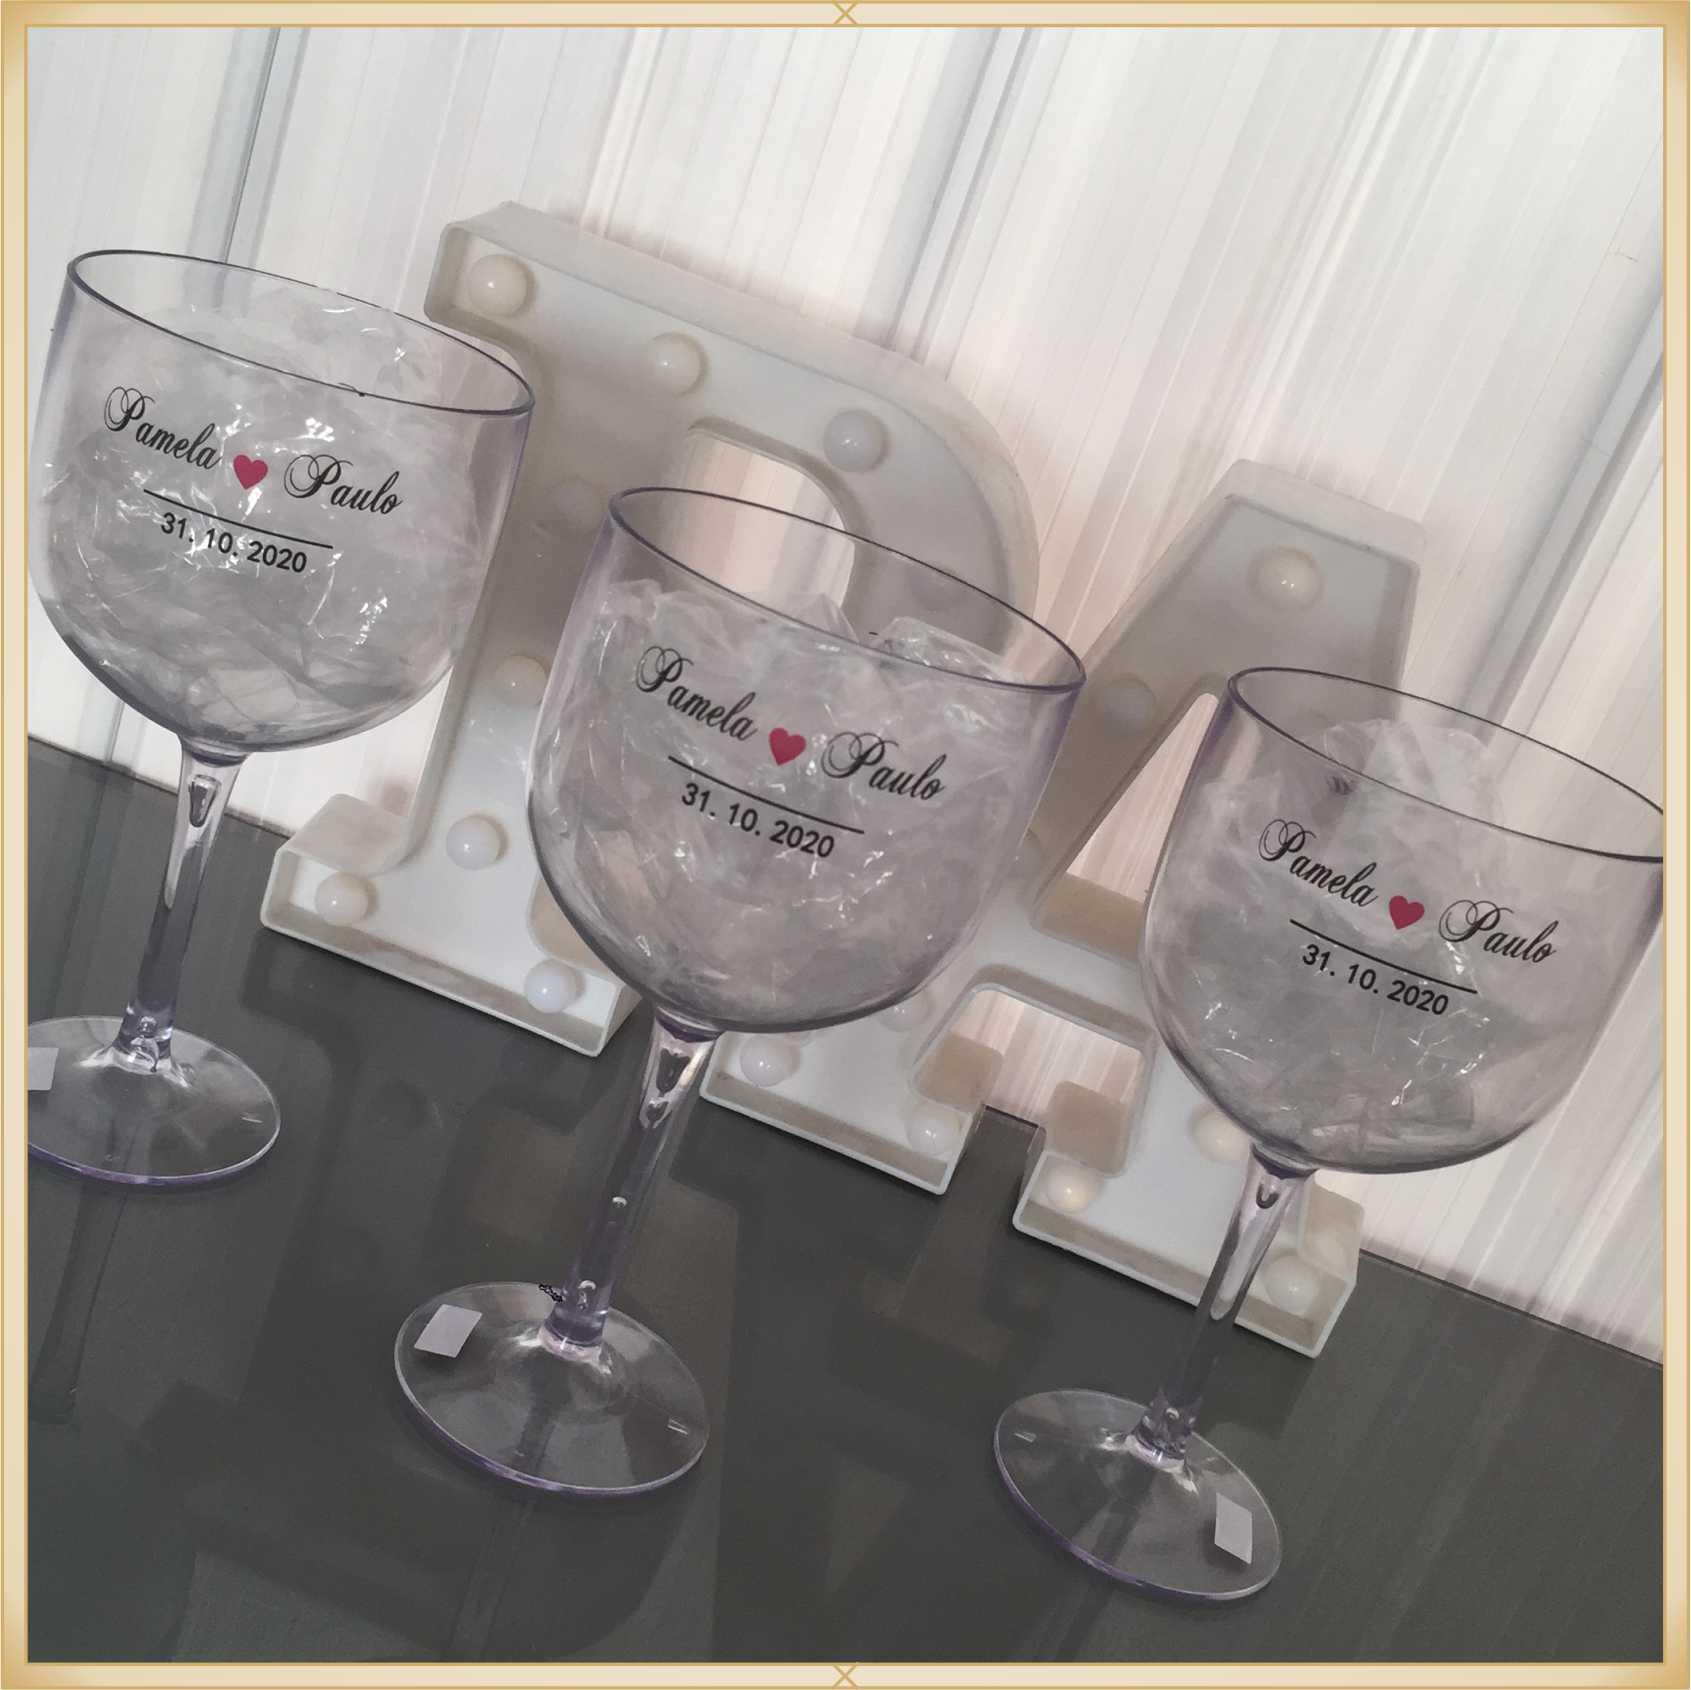 Taça de gin personalizada Despedida de Solteira - alta qualidade, brilhante, ótimo acabamento, parede de 2,5mm, material atóxico, 580ml - kit 10 unid.